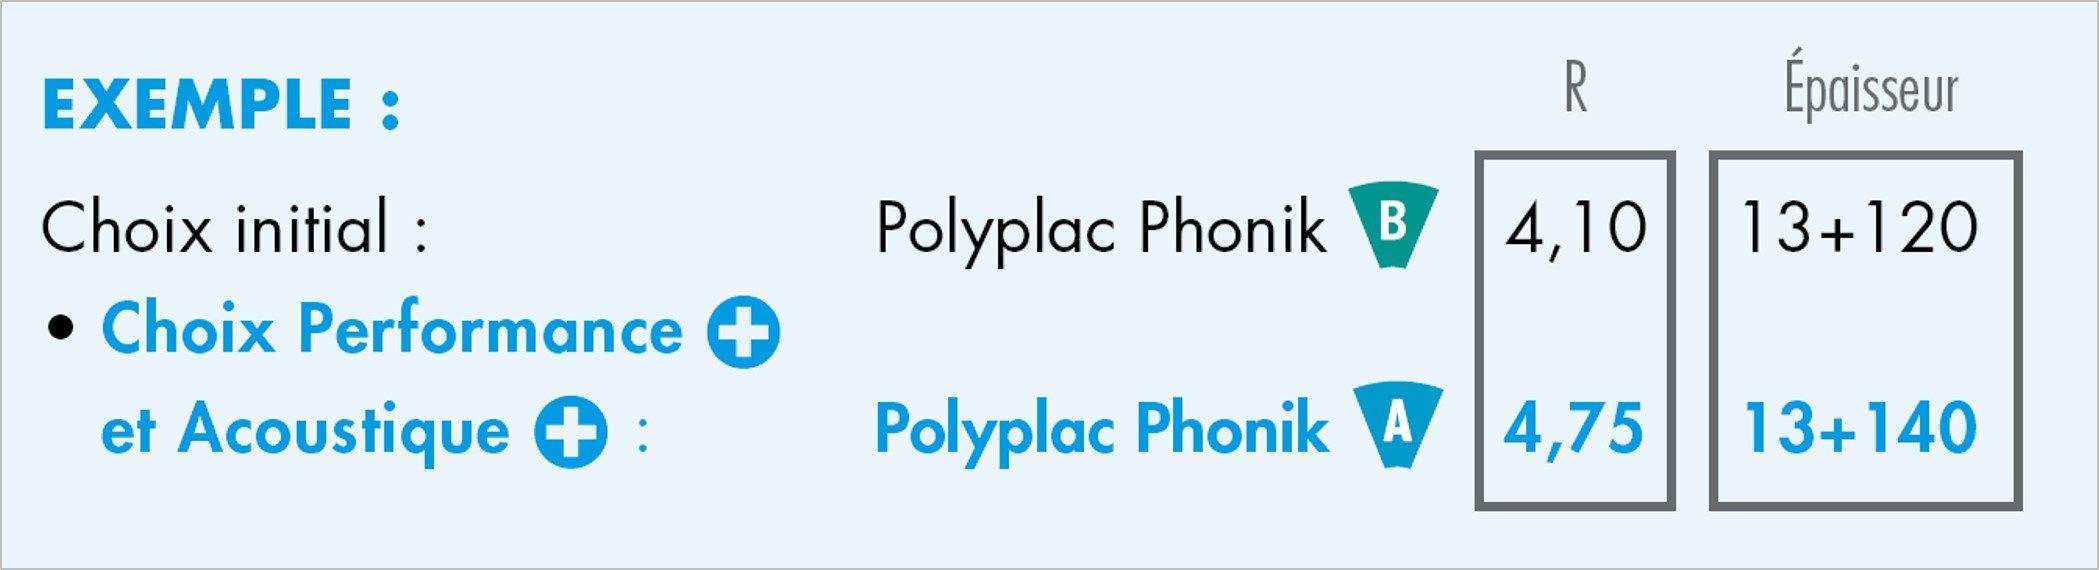 Knauf Polyplac phonik - CONSOMMATION D'ÉNERGIE